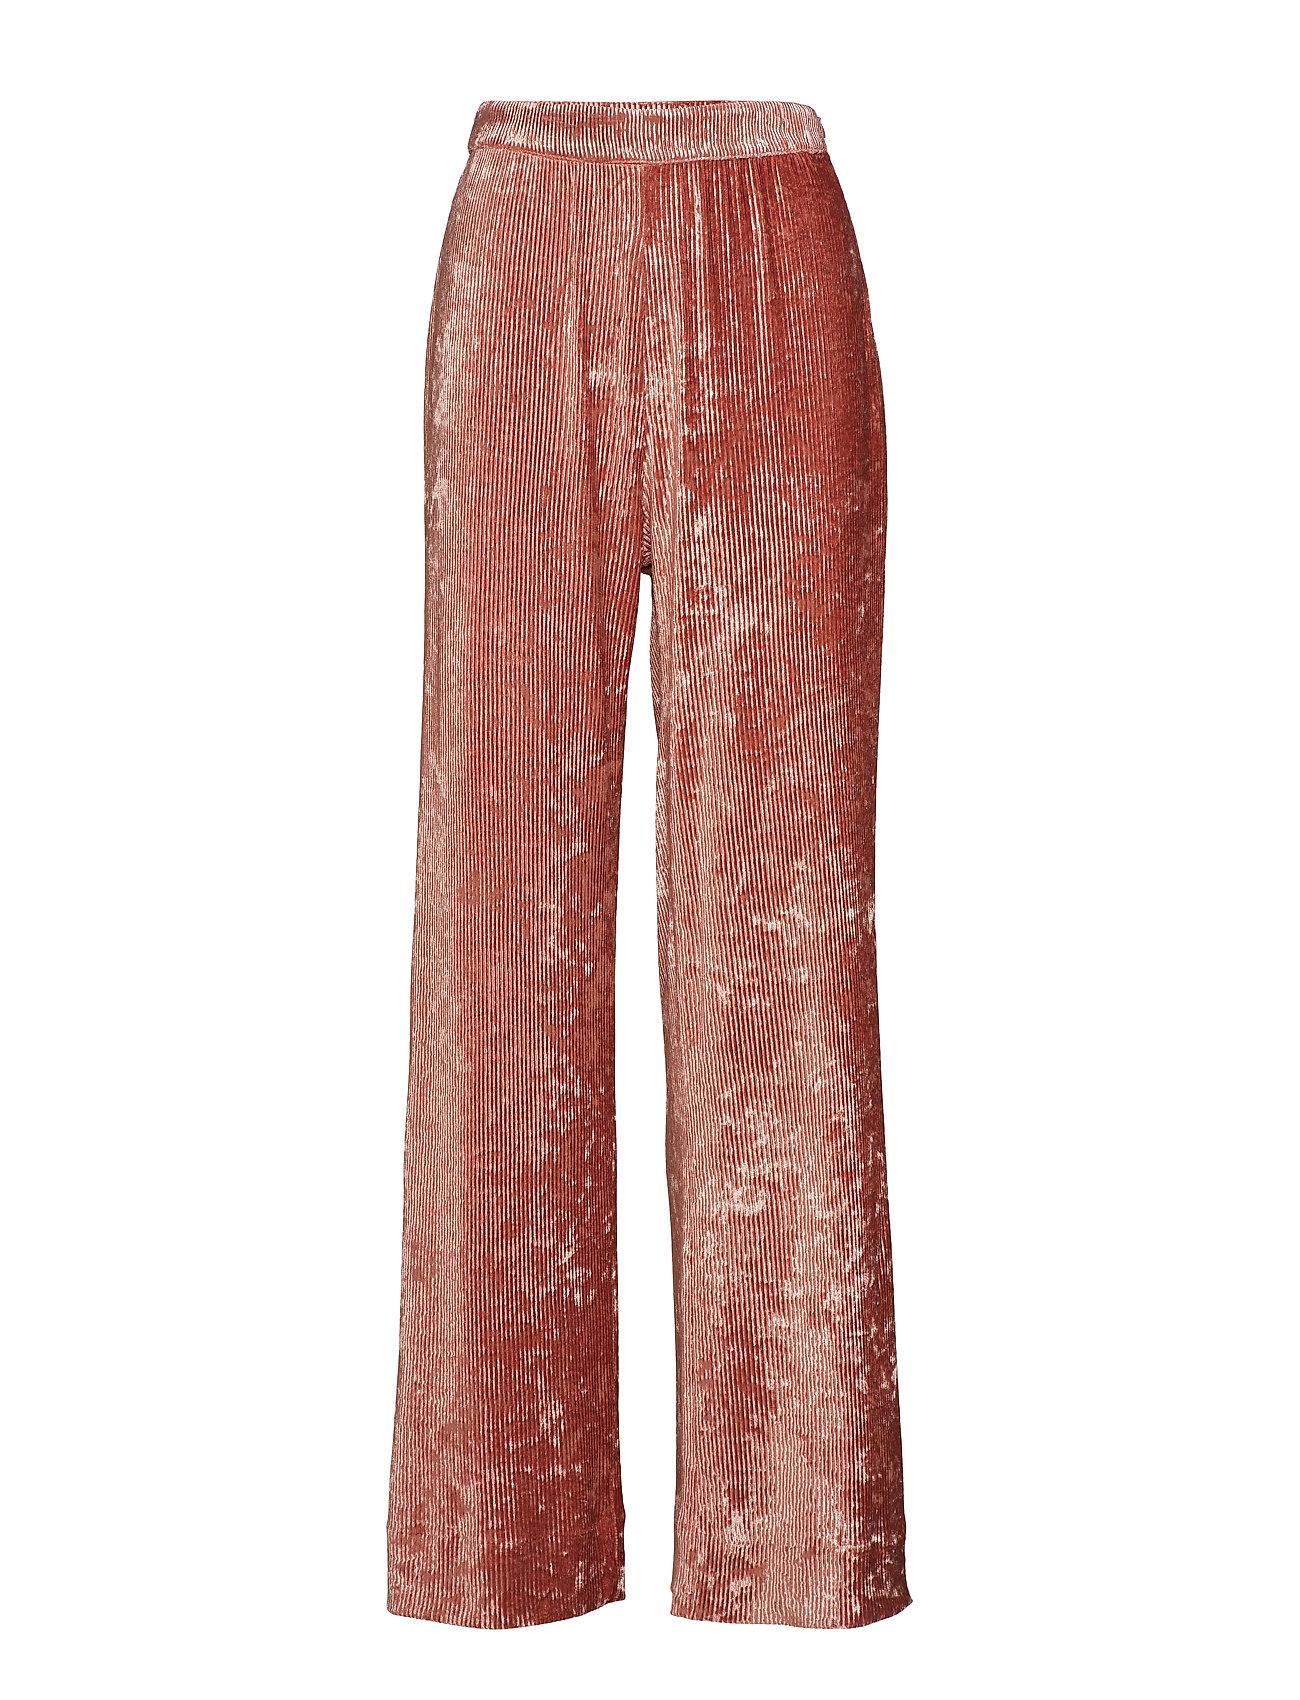 Aéryne Bardot trousers - ROSE GRIS